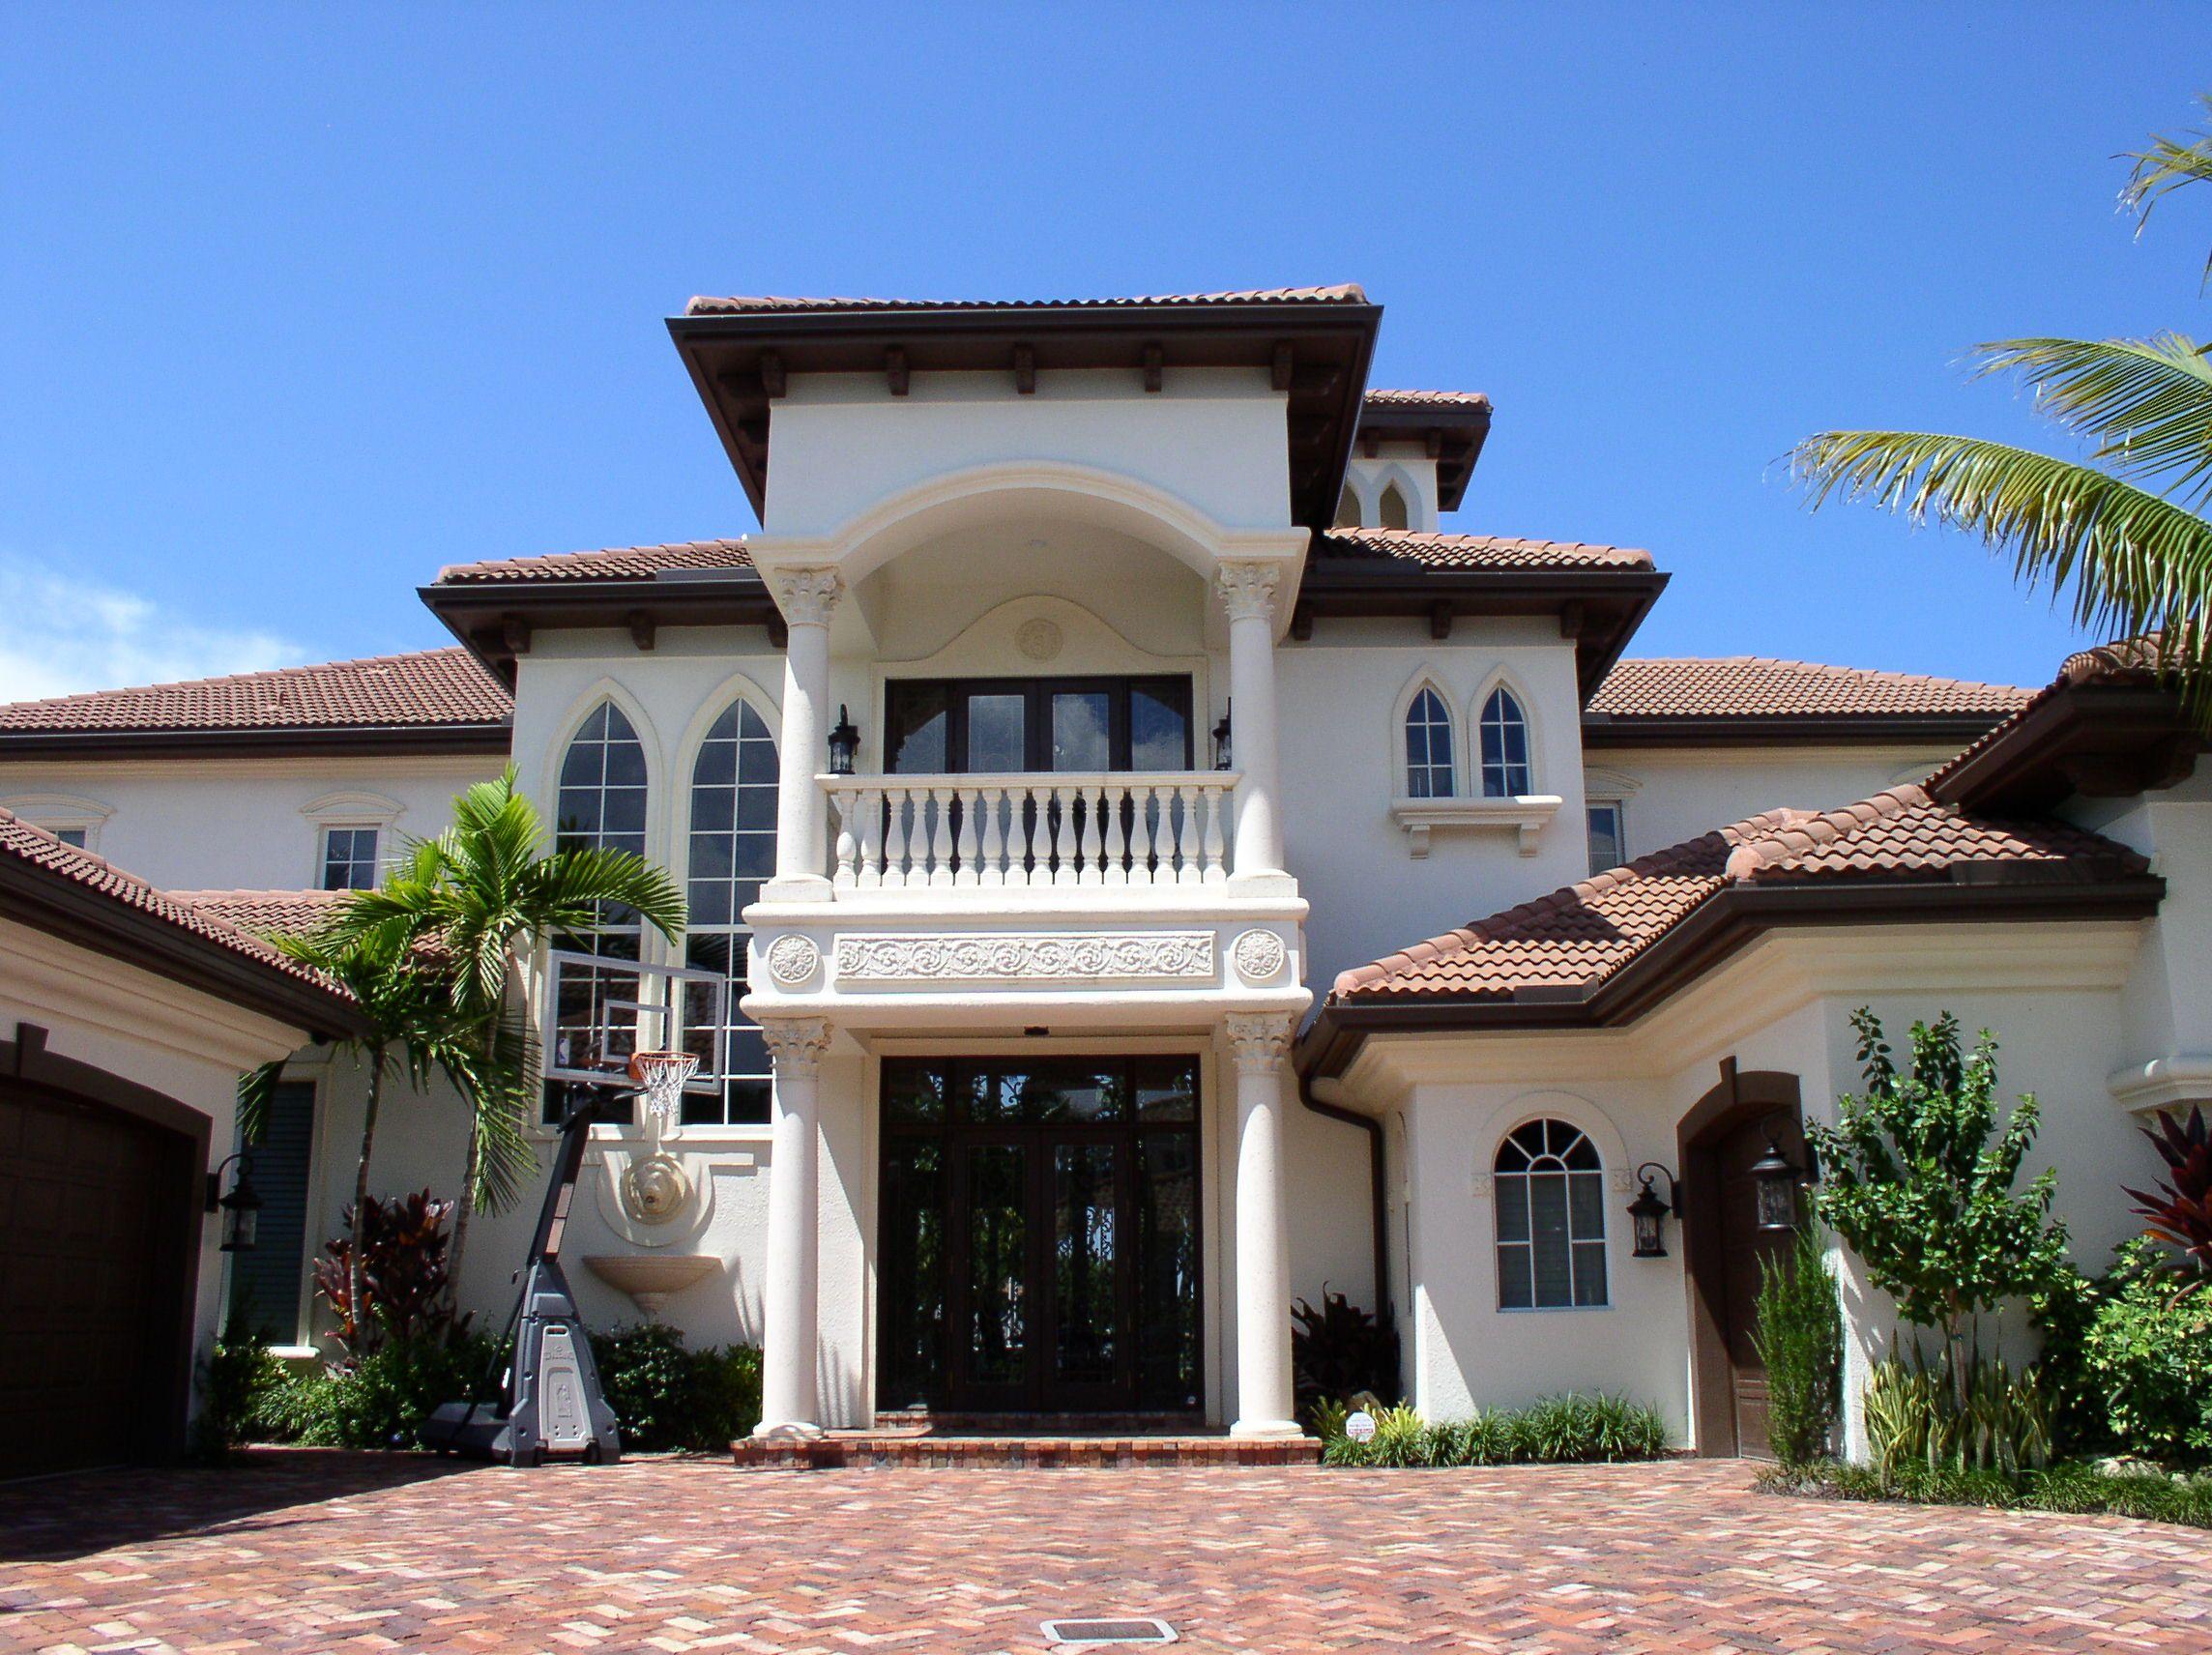 ce10a23e7c7729d08fb8c10cce12484e - New Construction Houses In Palm Beach Gardens